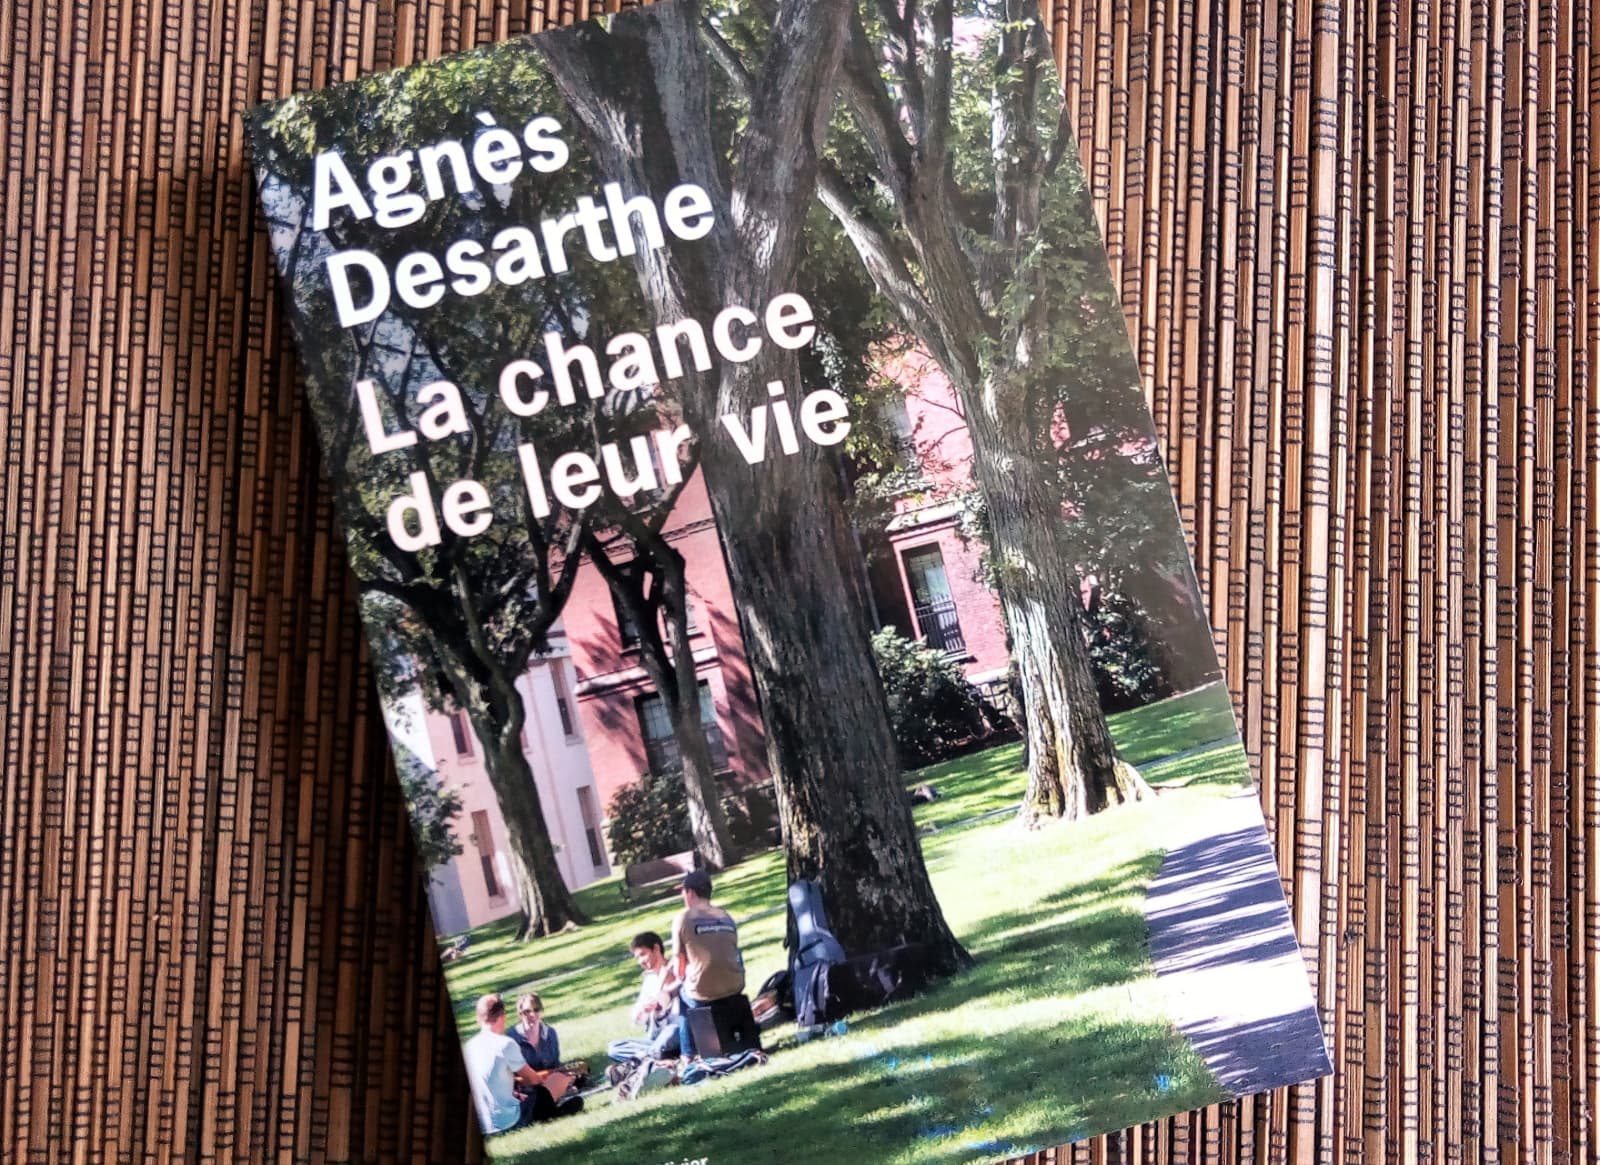 la chance de leur vie d'Agnès Desarthe aux editions de l'Olivier